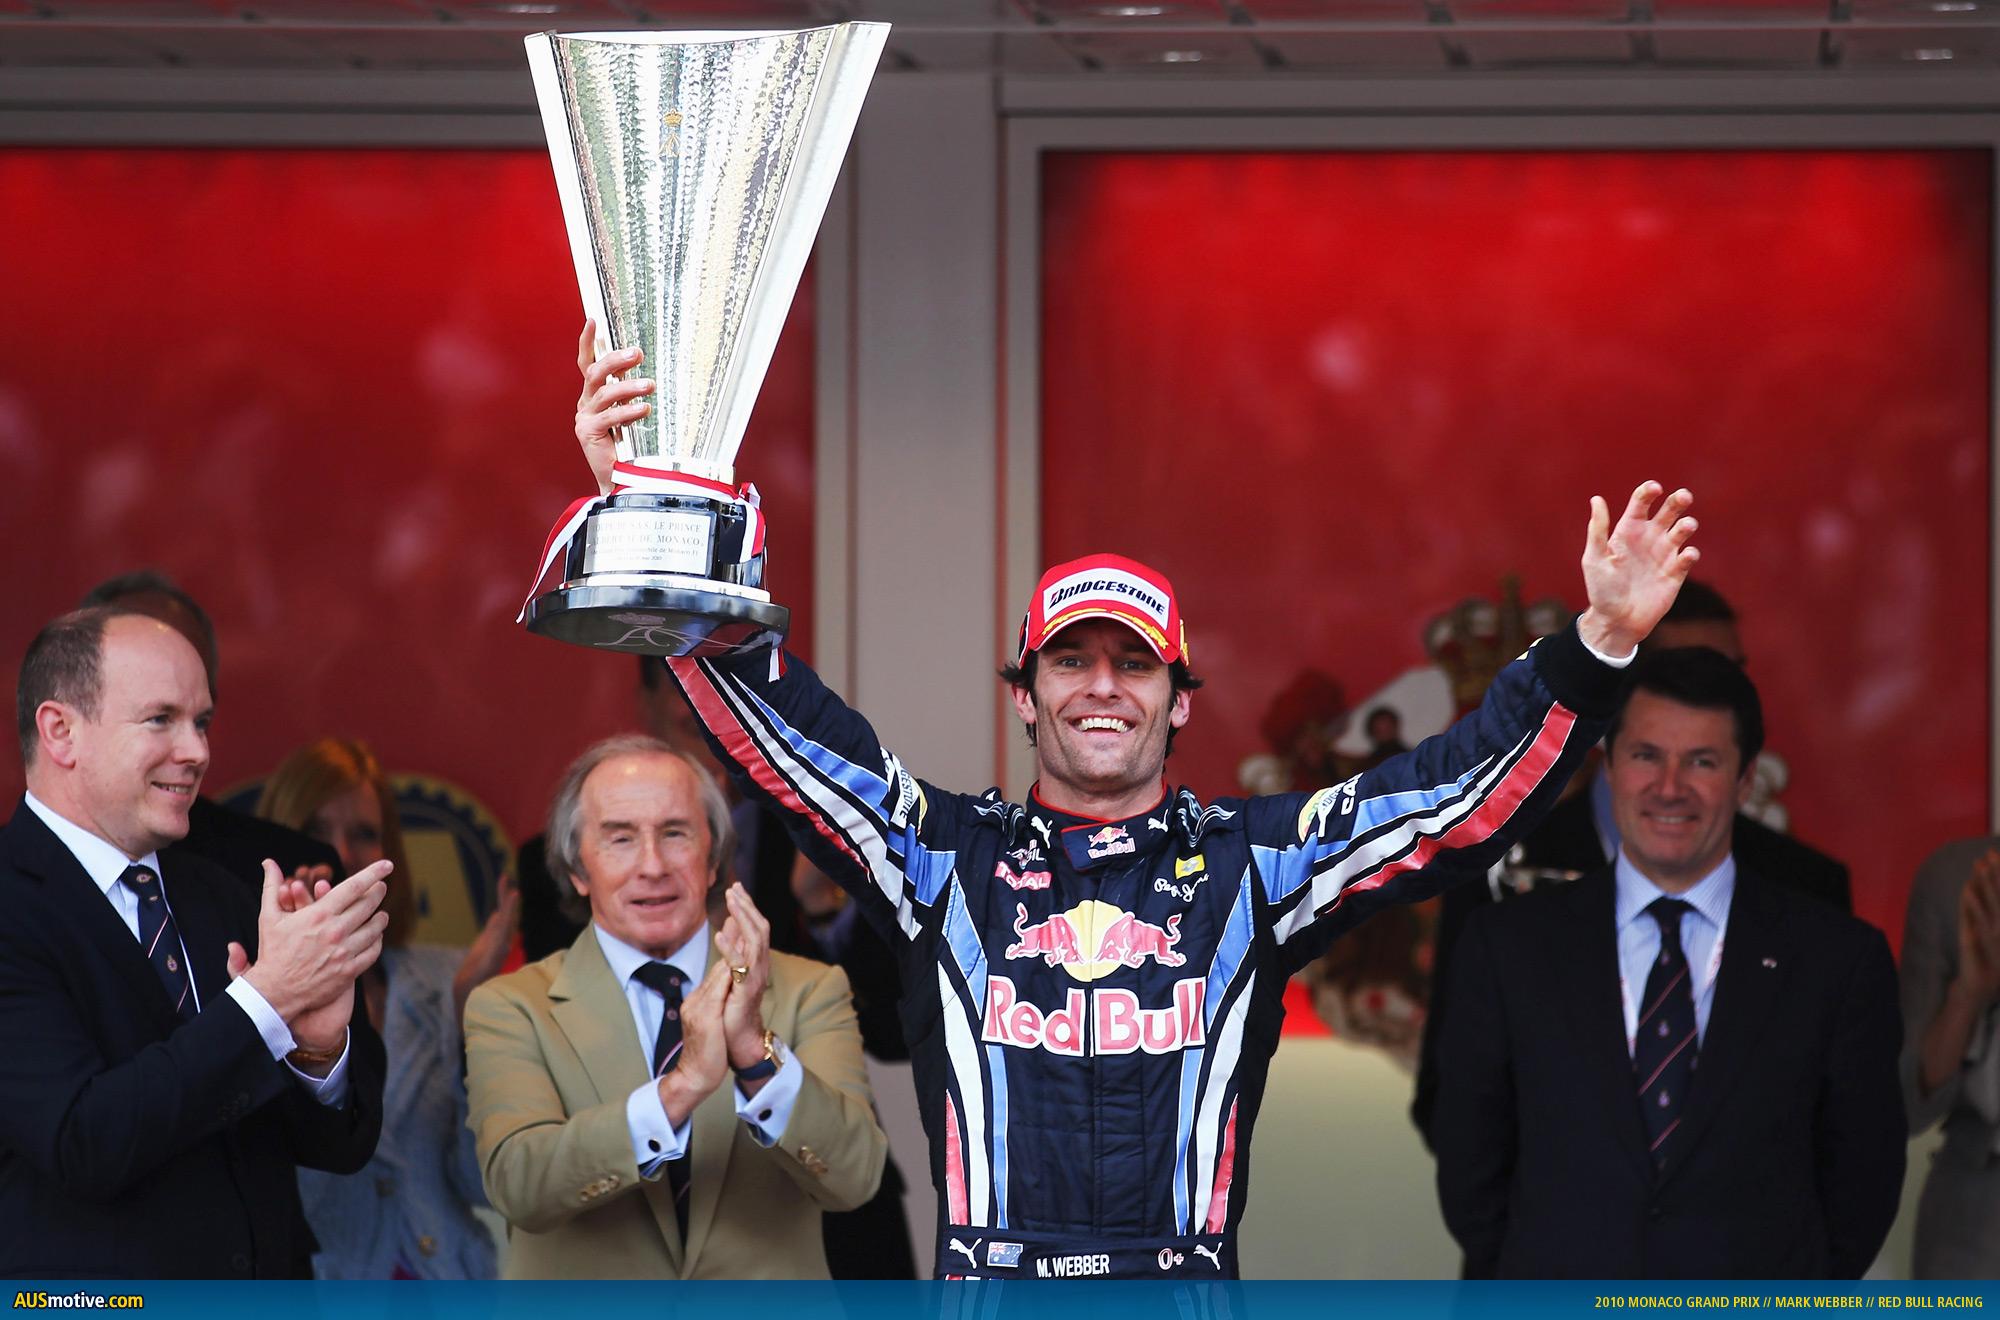 Monaco Grand Prix victory.